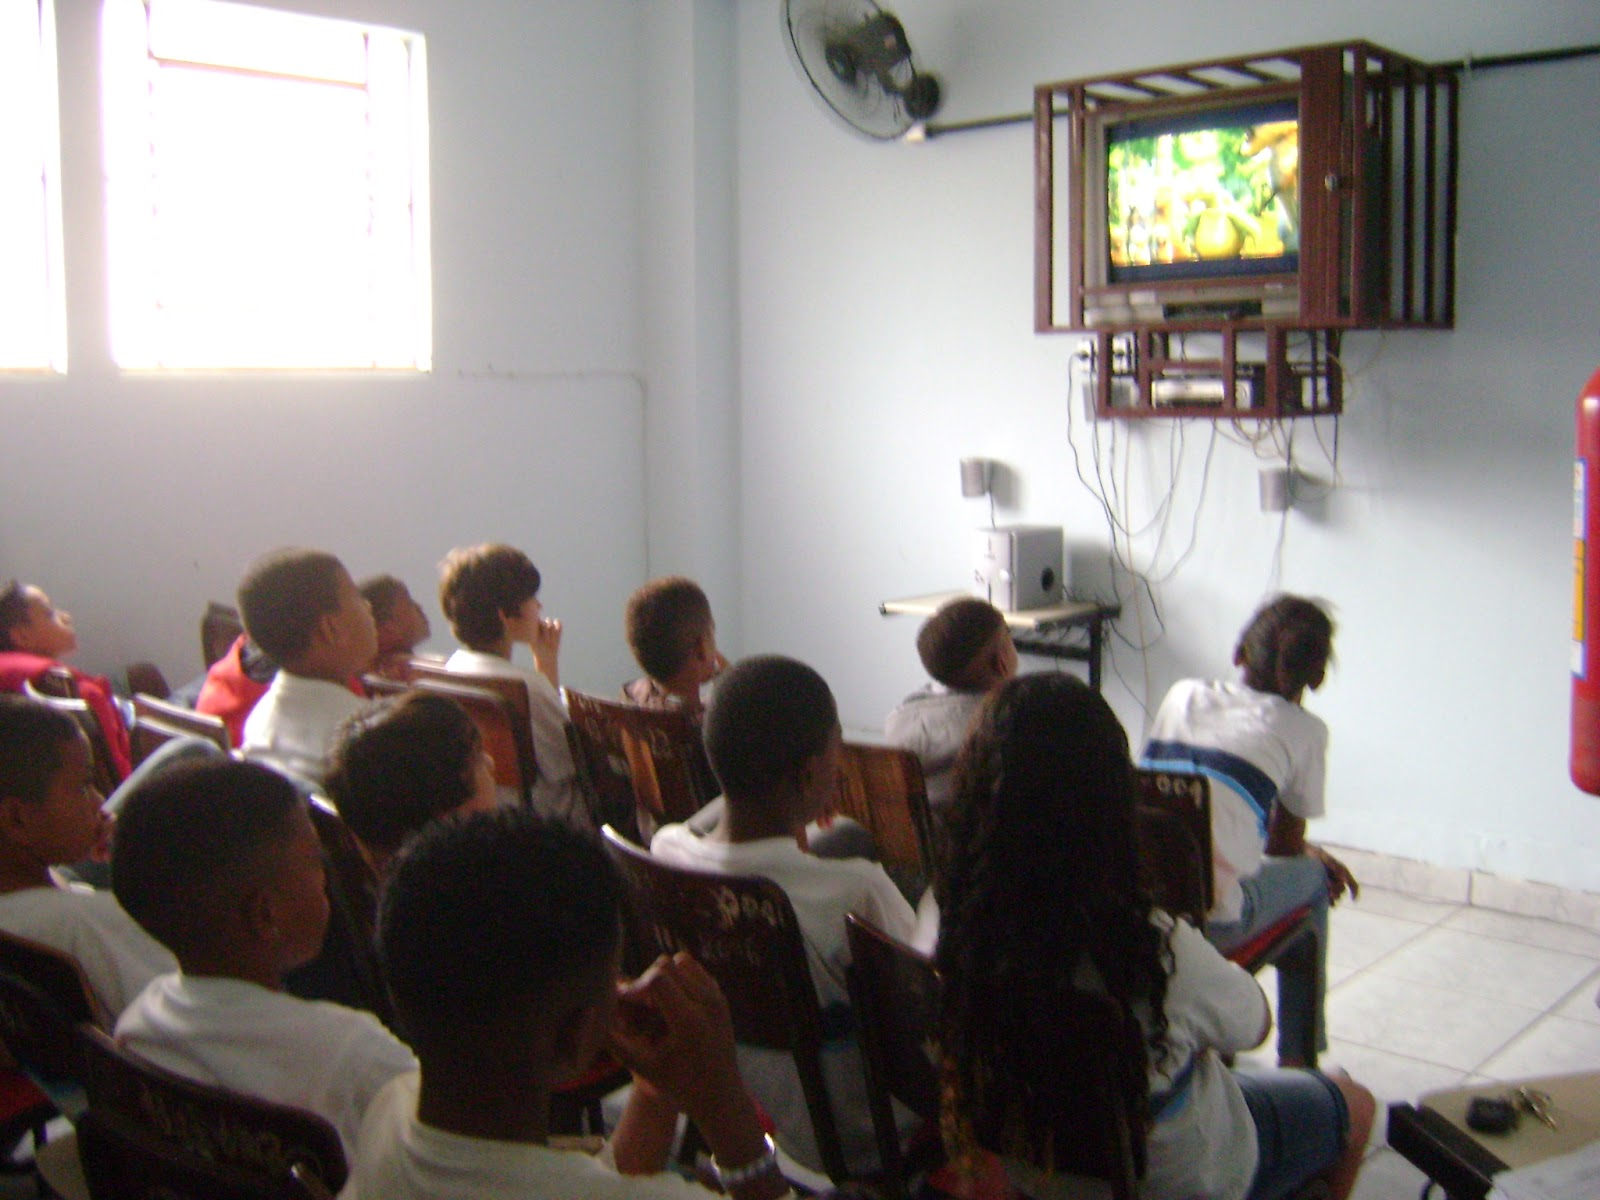 #8B8940 Escola Municipal Professor Augusto Paulino Filho: NO DIA DO MEIO  1600x1200 px Projeto Cozinha Experimental Na Escola #2535 imagens